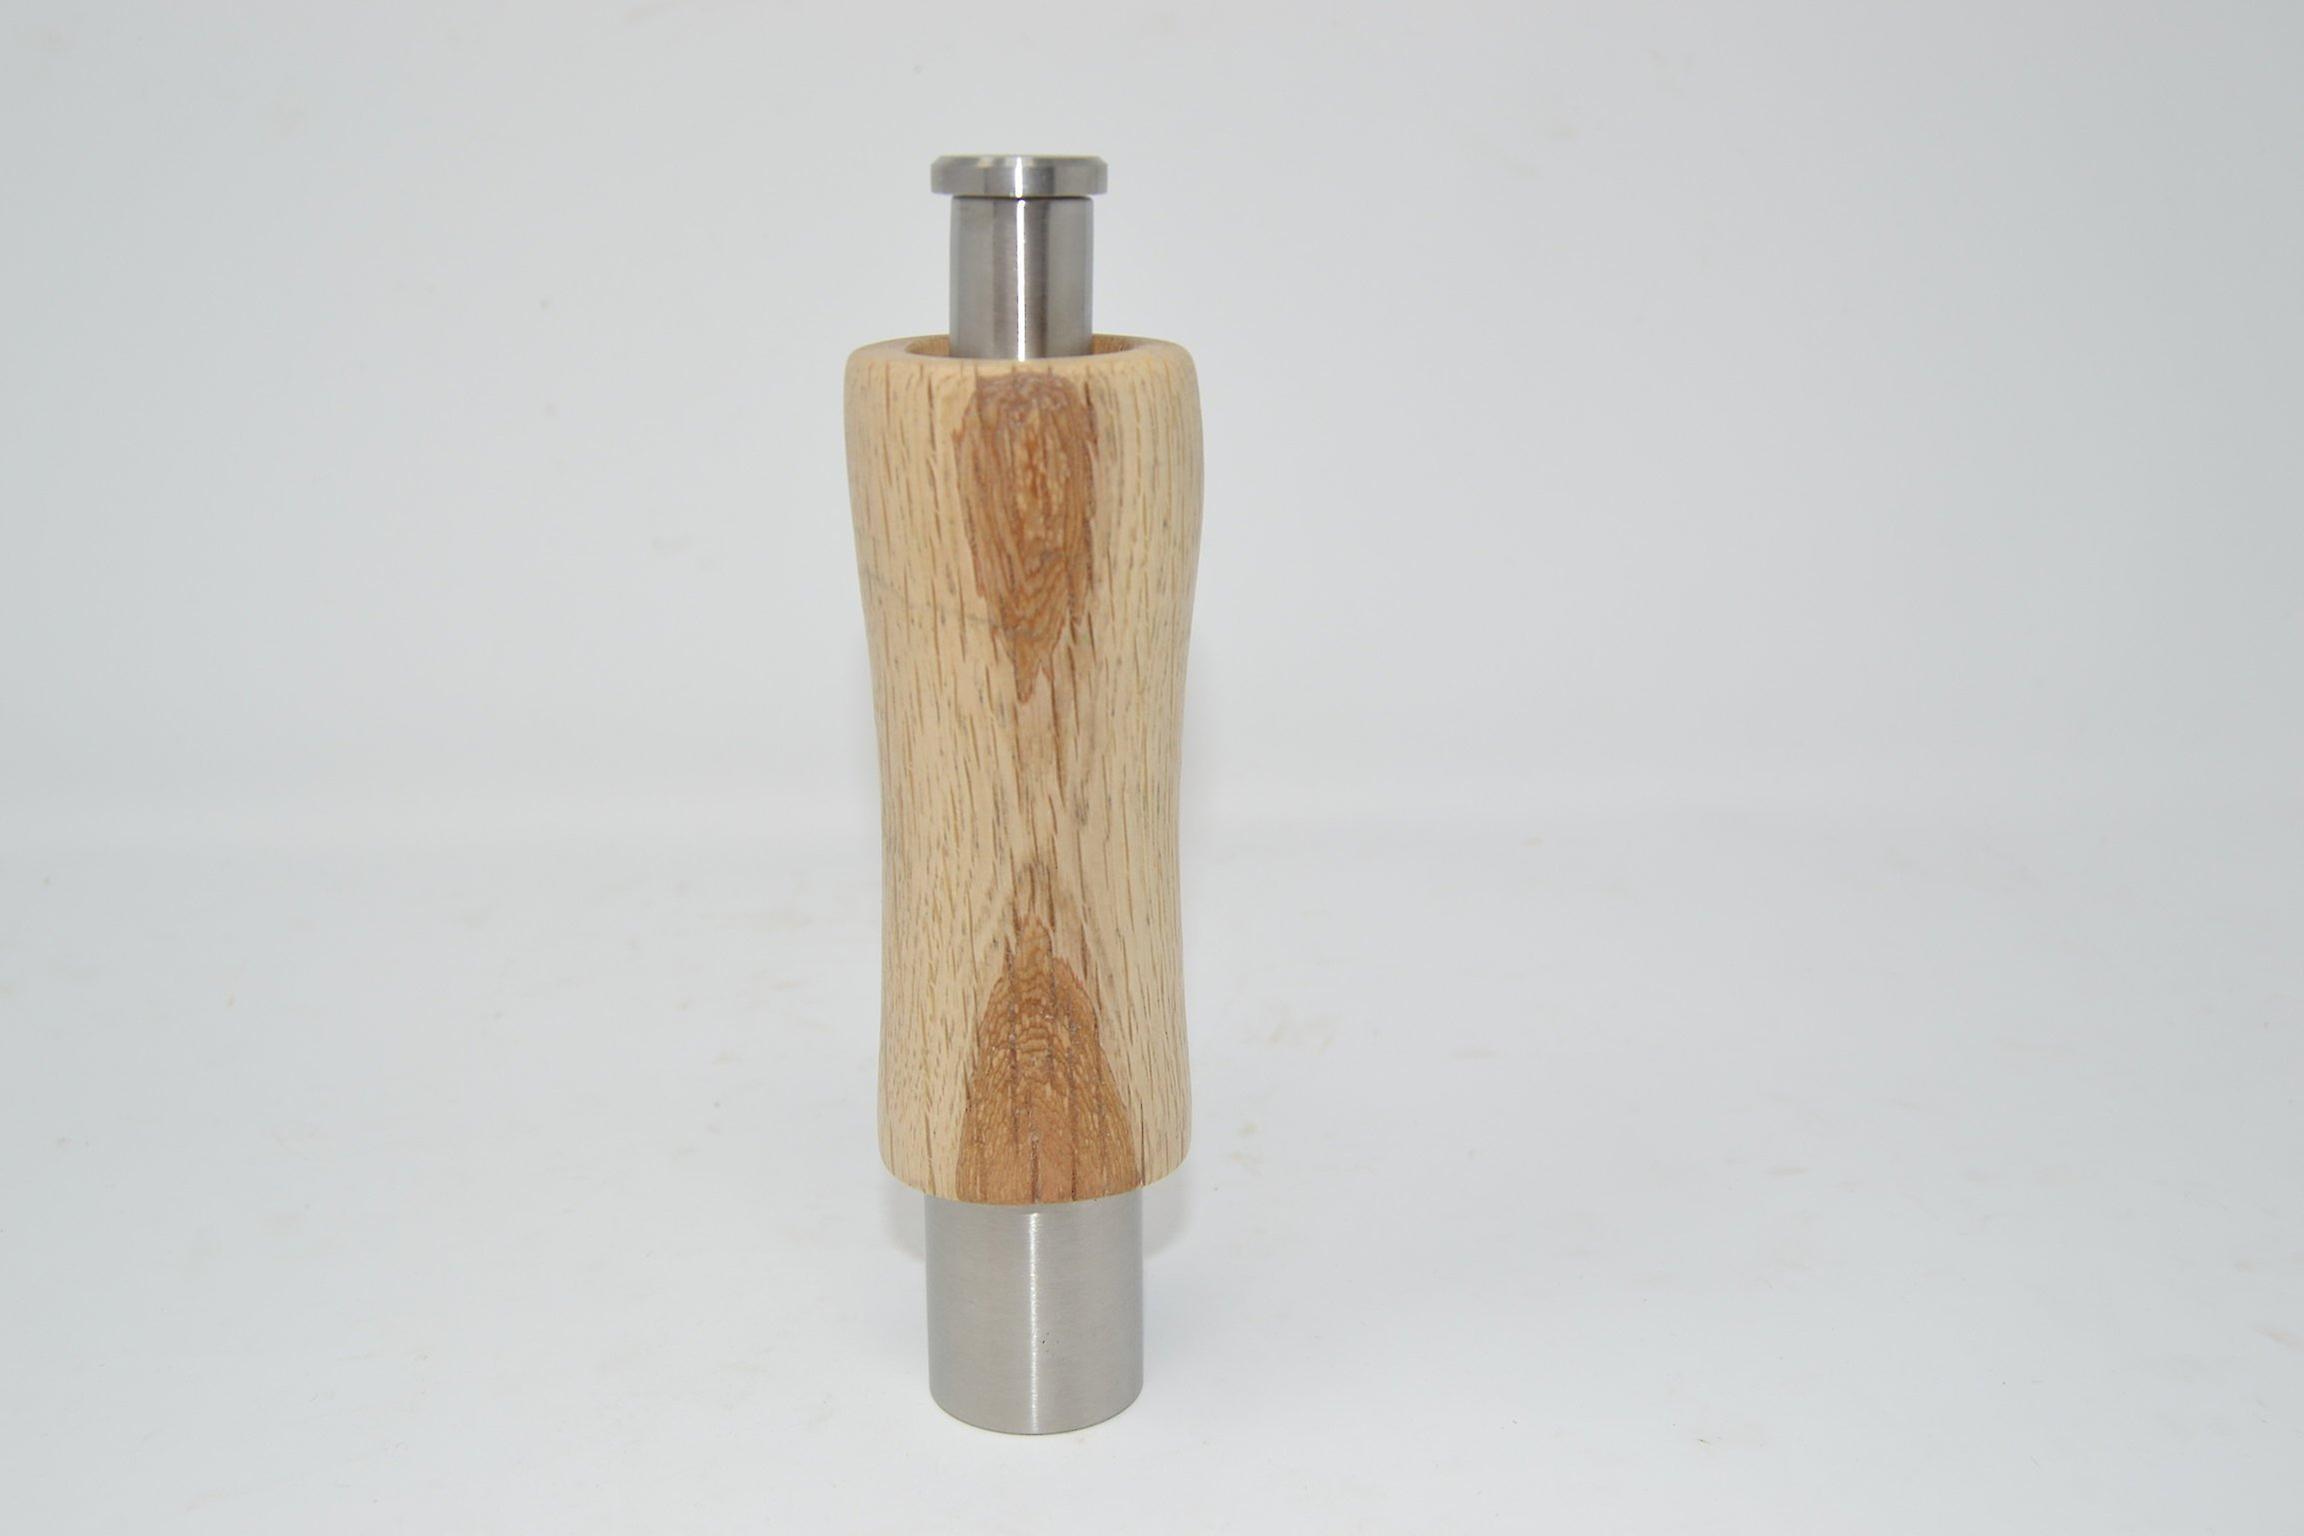 Holz Gewuerzmuehle Einhand Muehle aus Eiche  Pfeffermuehle Salzmuehle pepper Spice salt mill handmade Made in Austria Geschenk Geschenk-Idee